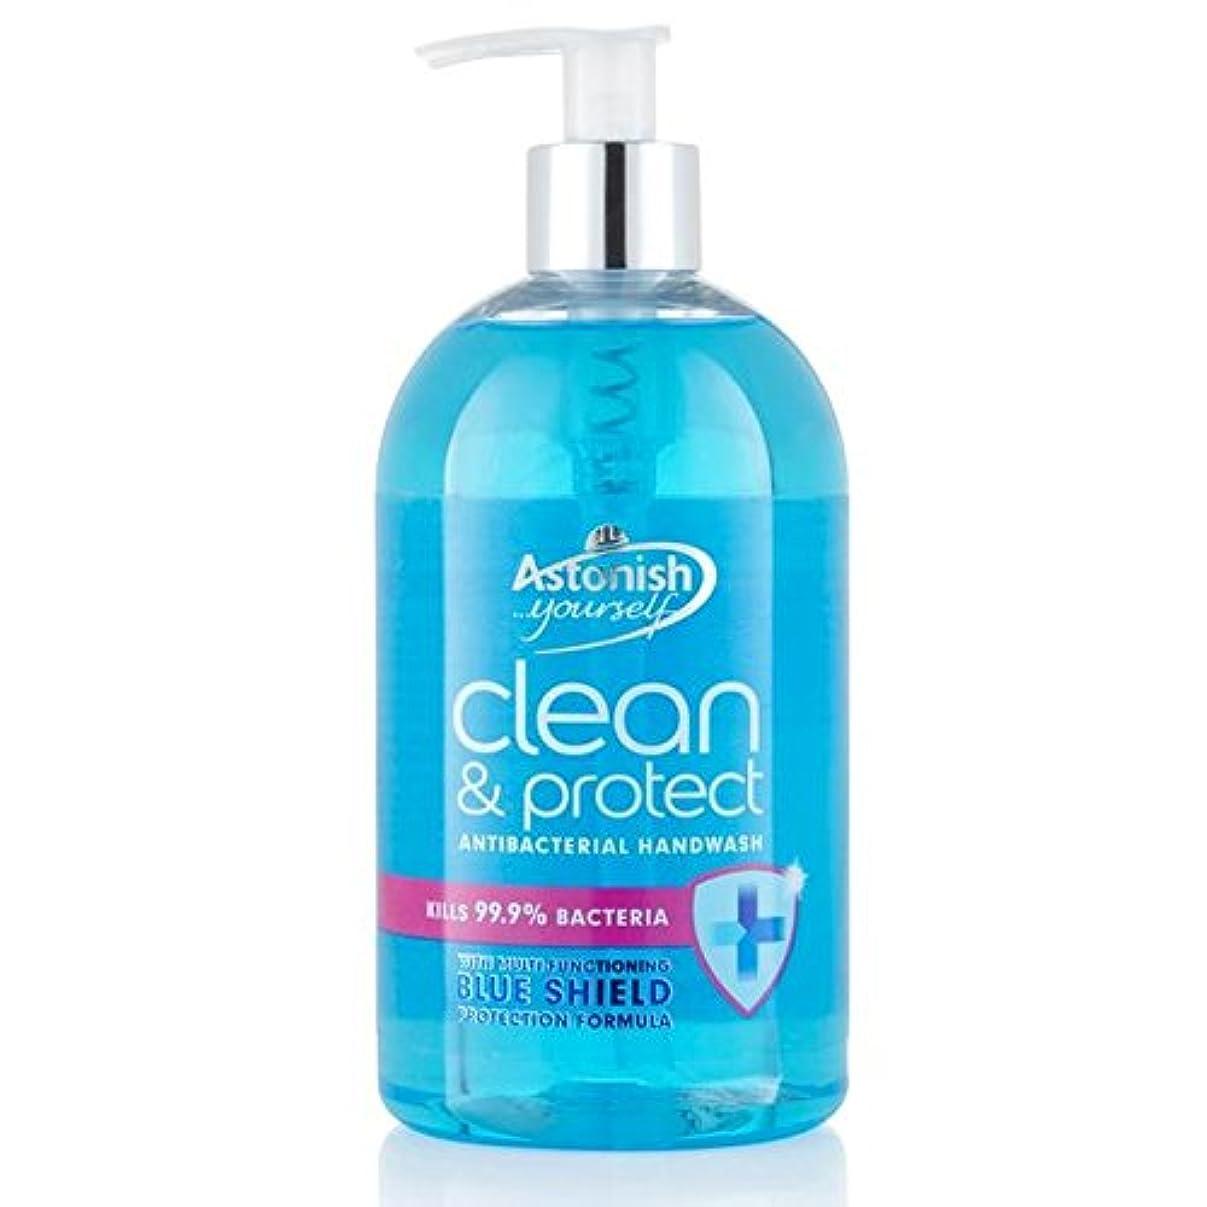 受信論争の的ニュースクリーン驚か&ハンドウォッシュ500ミリリットルを保護 x2 - Astonish Clean & Protect Hand Wash 500ml (Pack of 2) [並行輸入品]